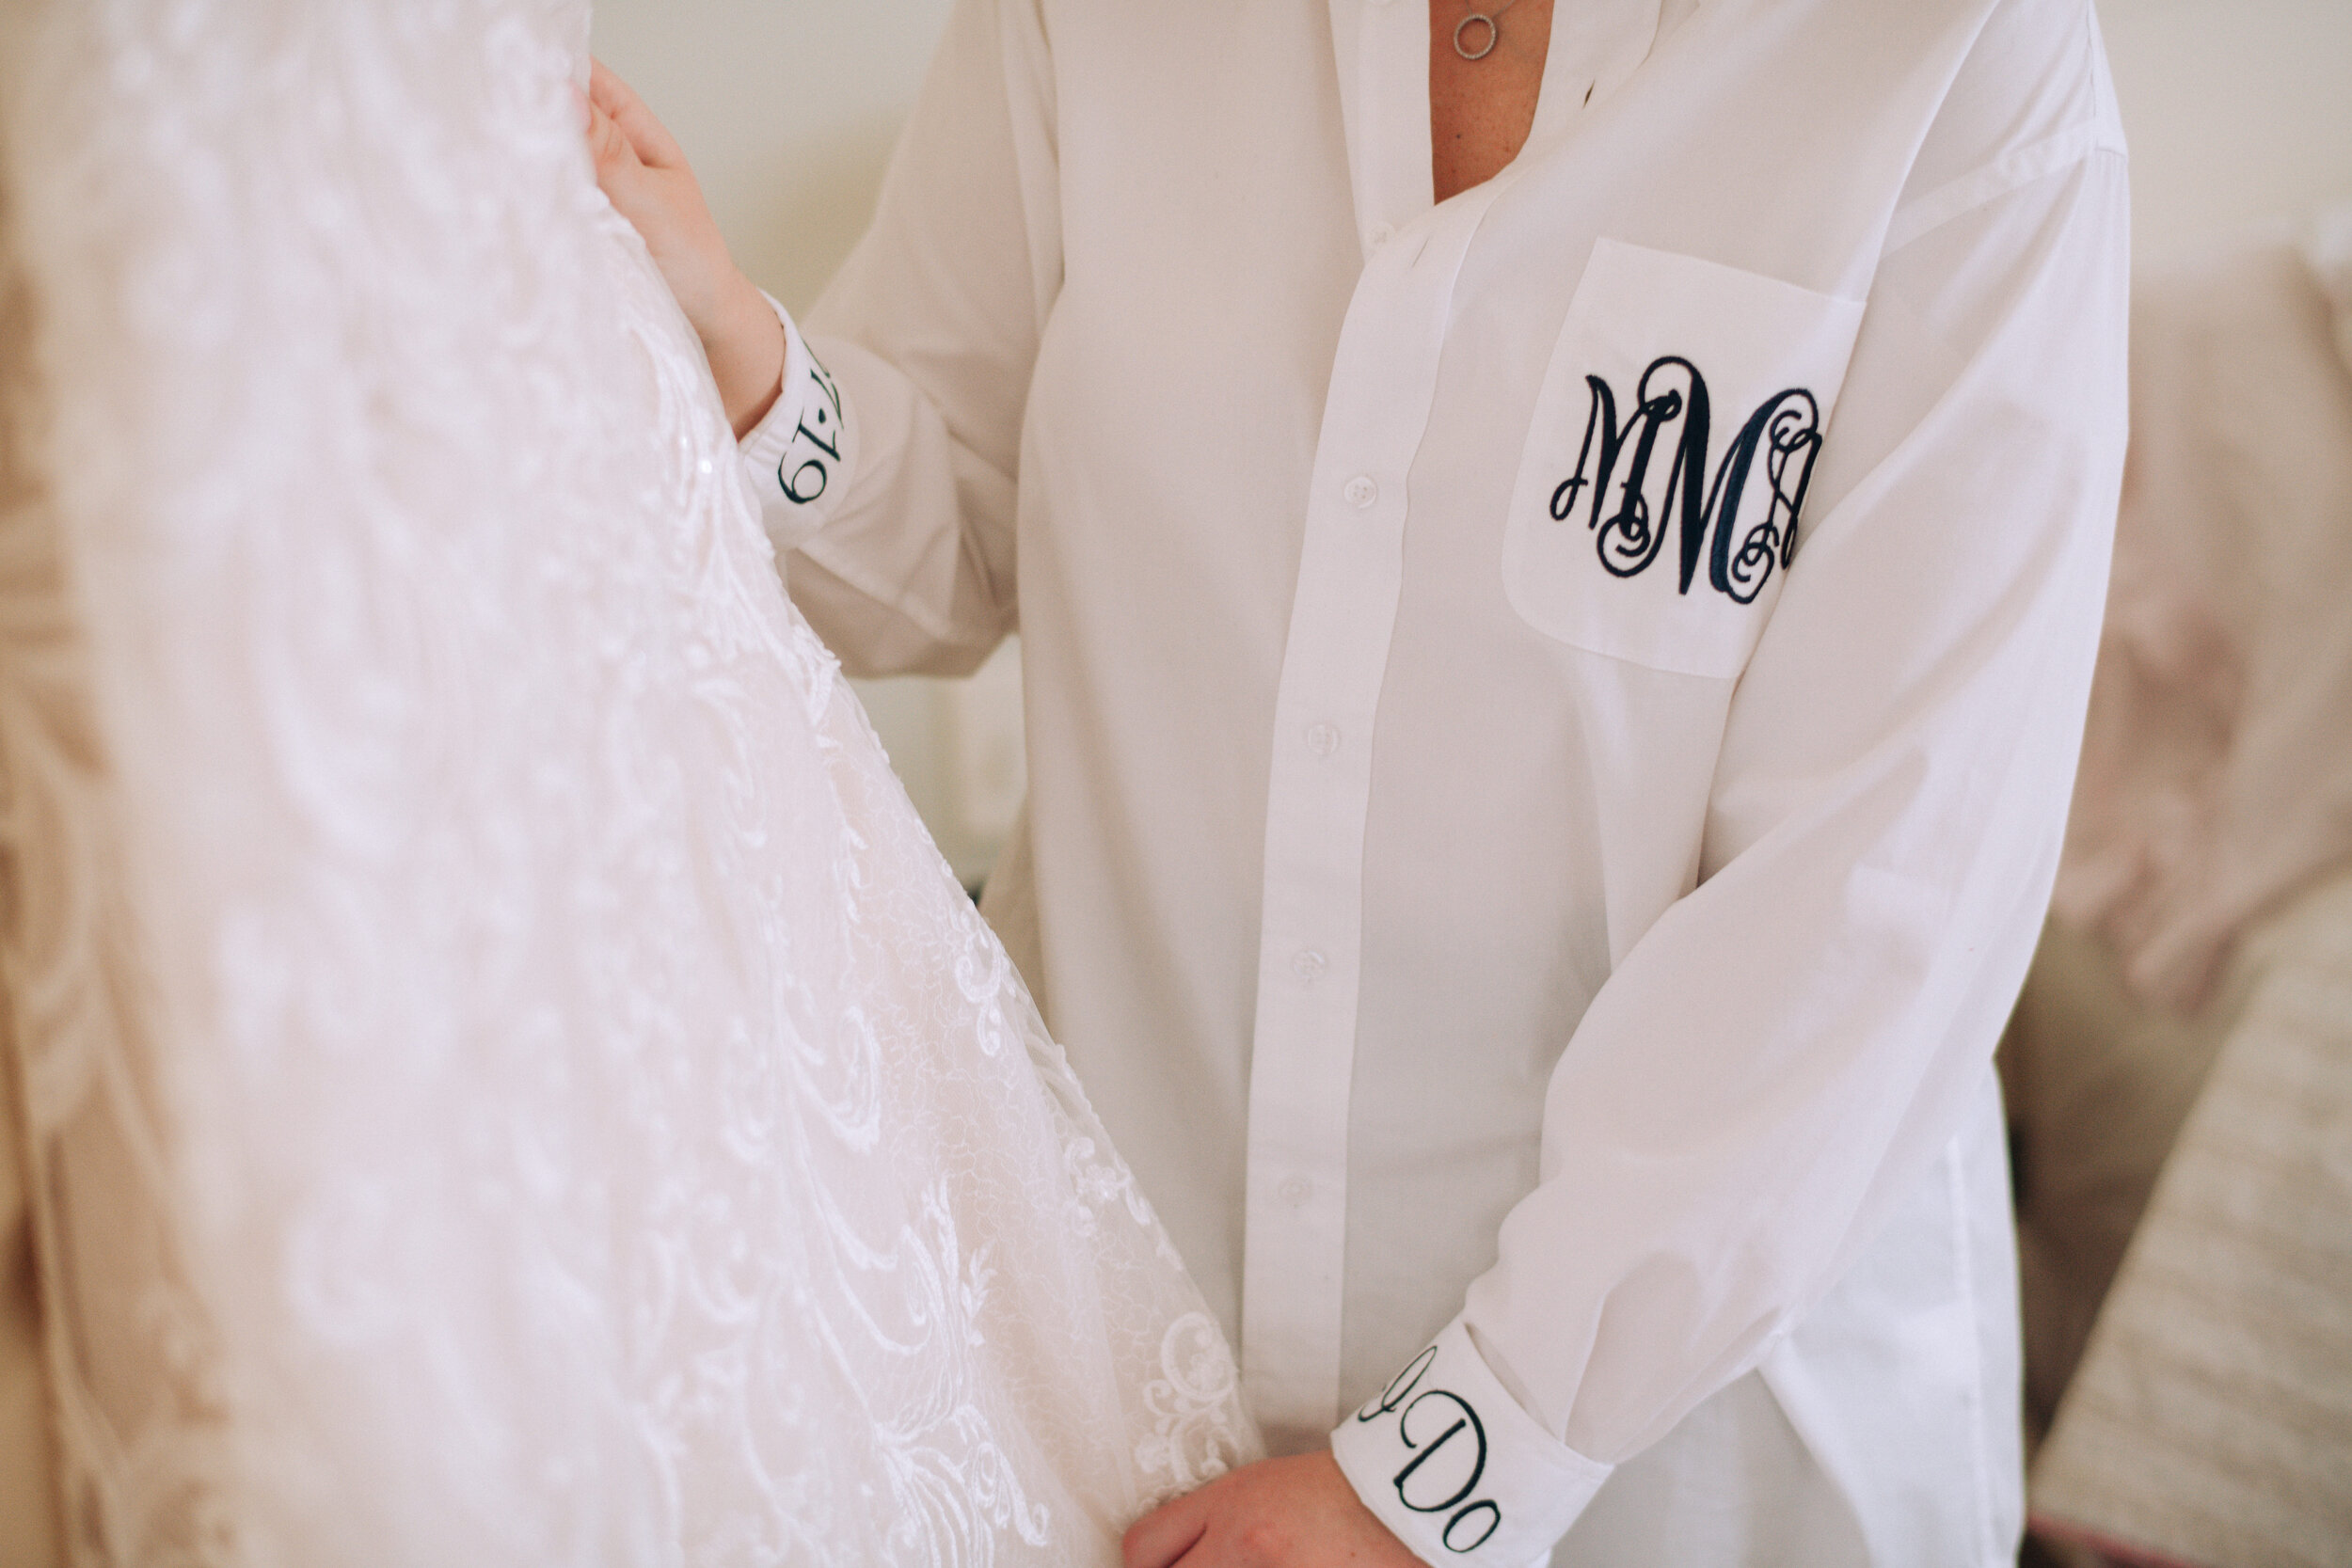 Rebcca Ingram-Wedding dress-Savannah weddings-Savannah bride-Savannah Bridal-Ivory and Beau bride.jpg